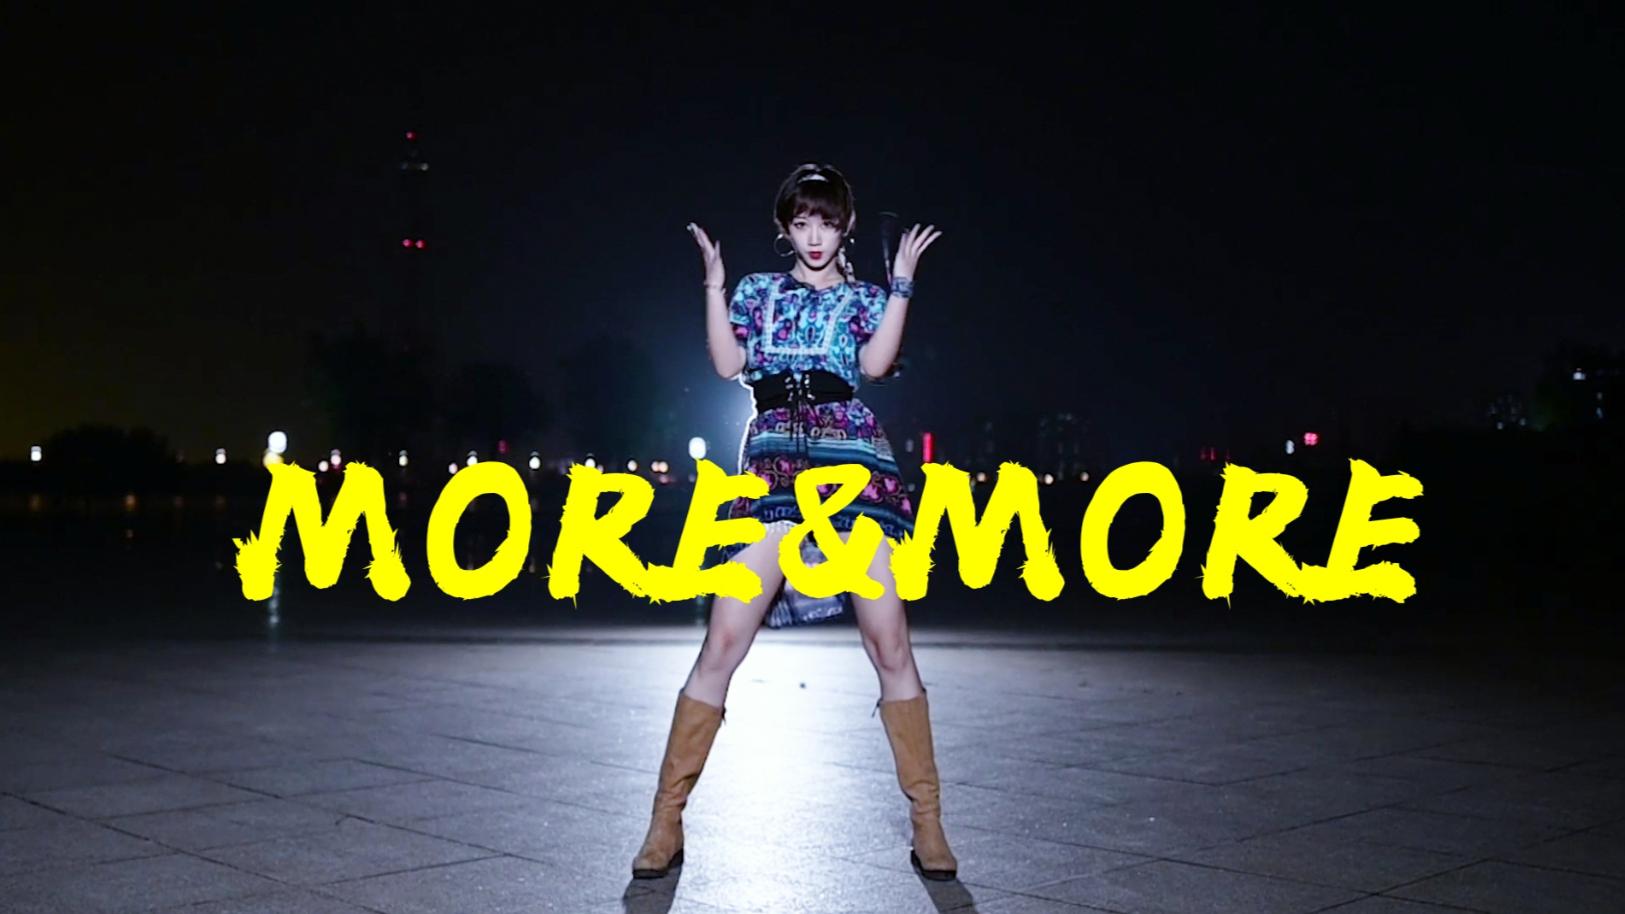 【贰太】最强野兔!深夜换装热舞MORE&MORE竖屏!